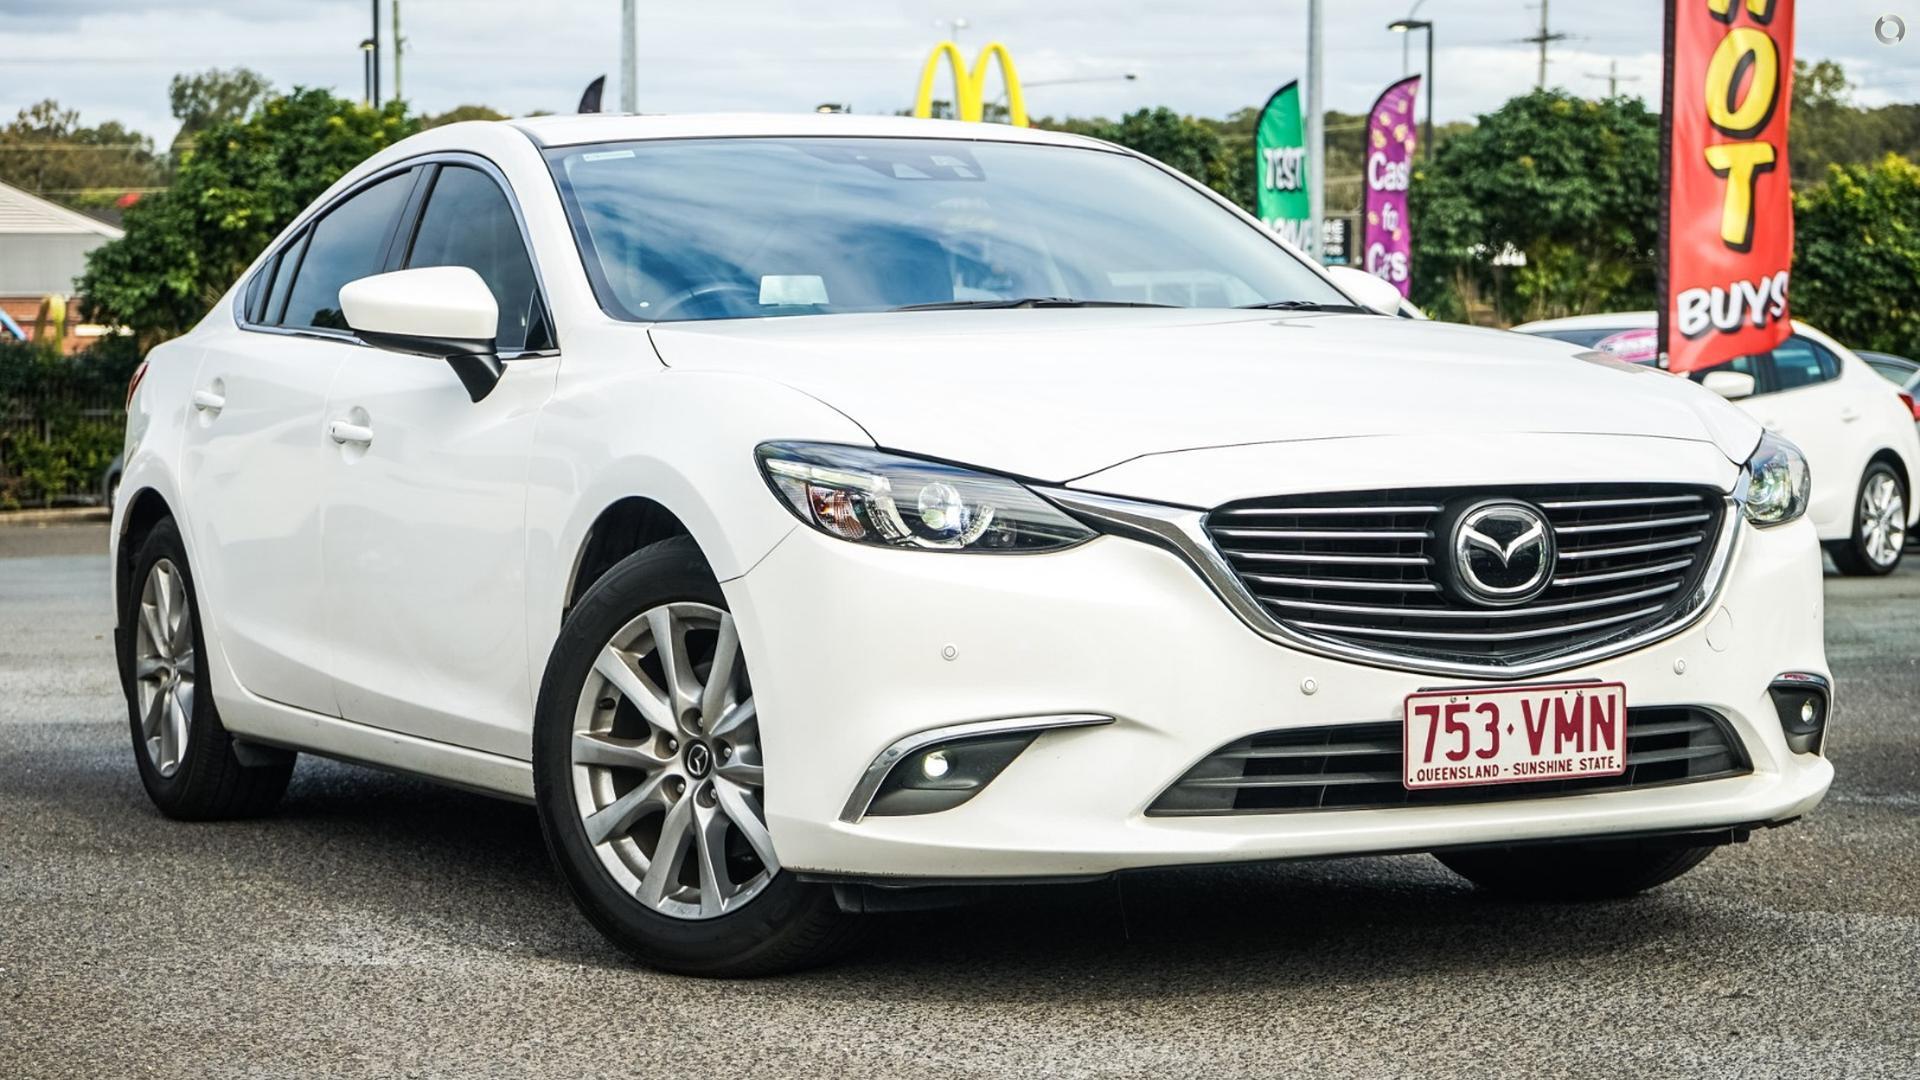 2015 Mazda 6 Atenza